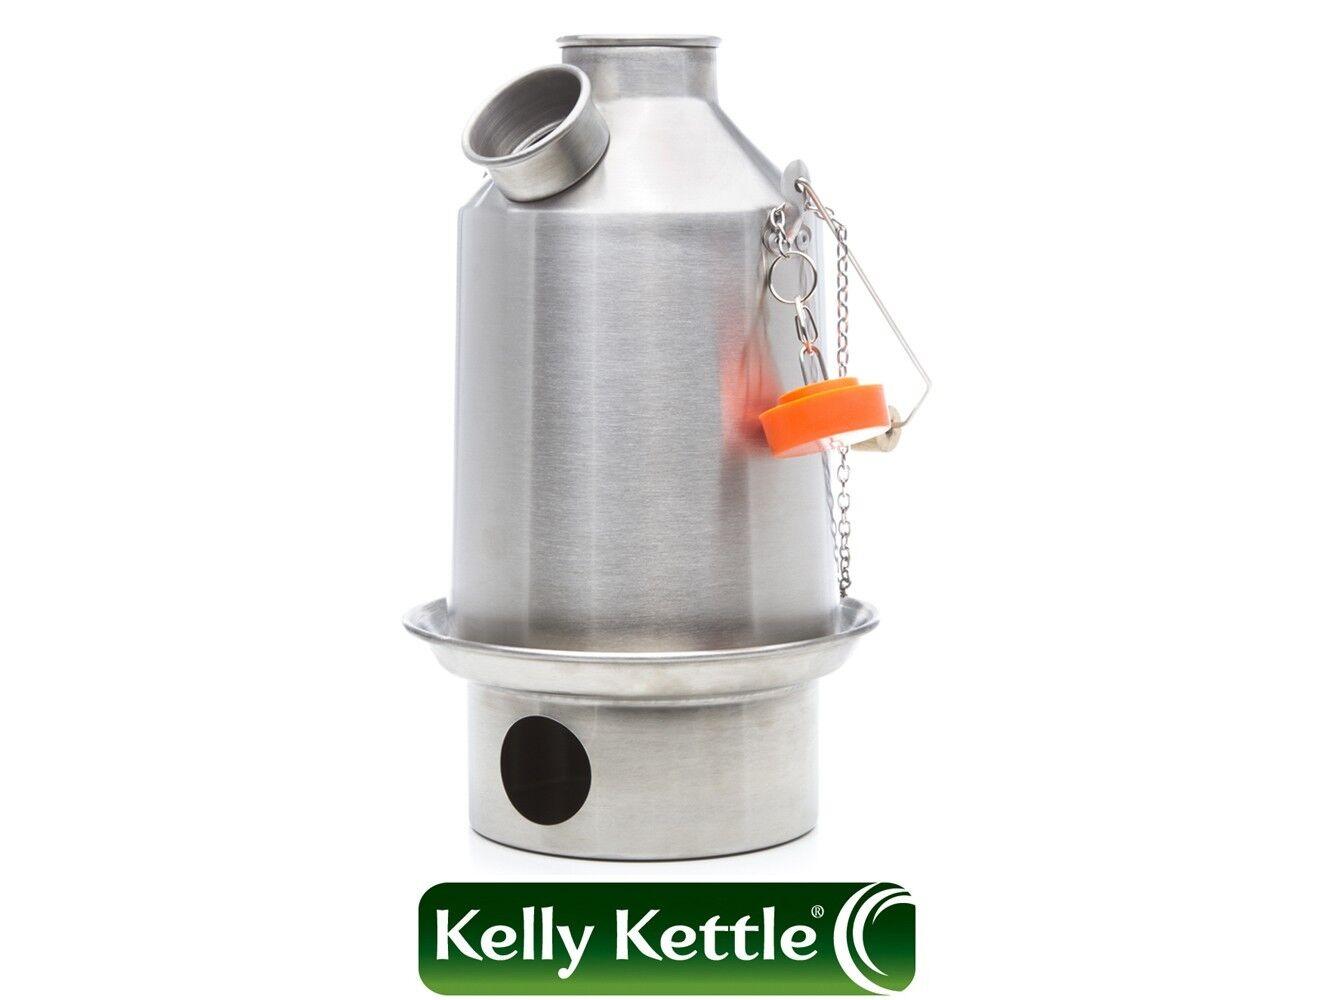 Alluminio 'Scout' (1.2 Litre) Kelly Kettle,Kit ,Ecc. Campeggio Bollitore,Legno